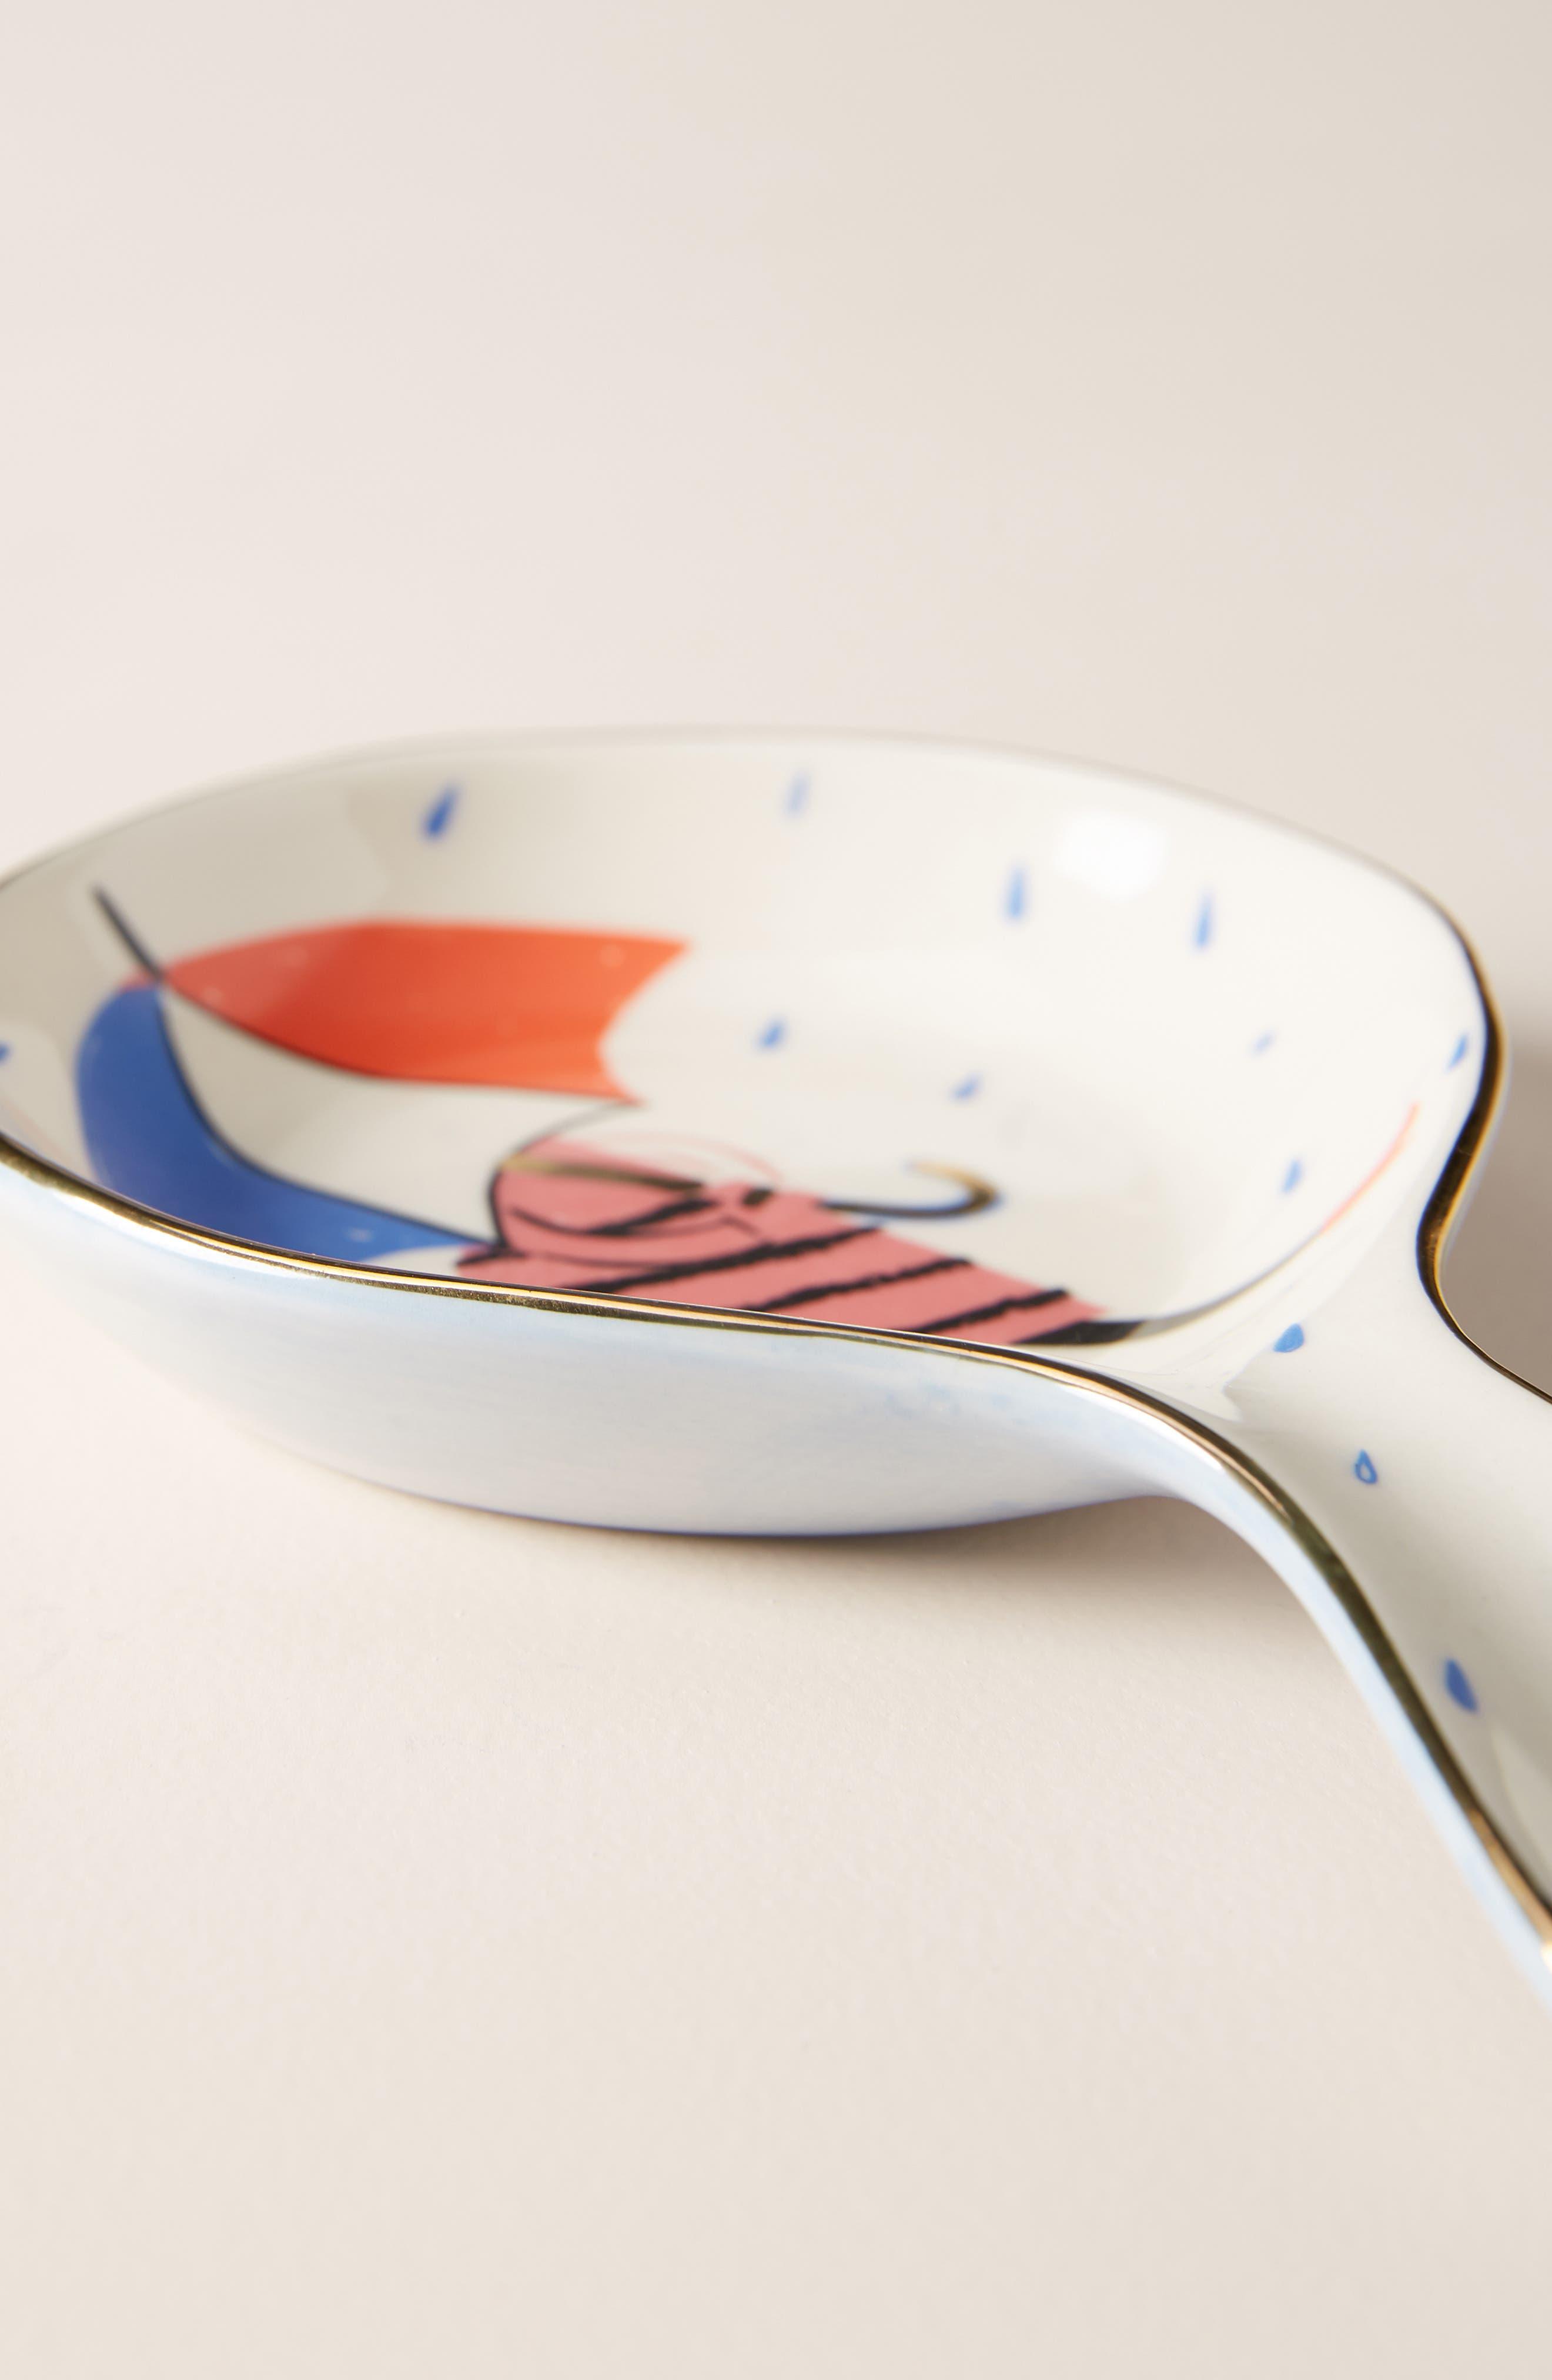 ANTHROPOLOGIE,                             Libby VanderPloeg Spoon Rest,                             Alternate thumbnail 2, color,                             WHITE MULTI